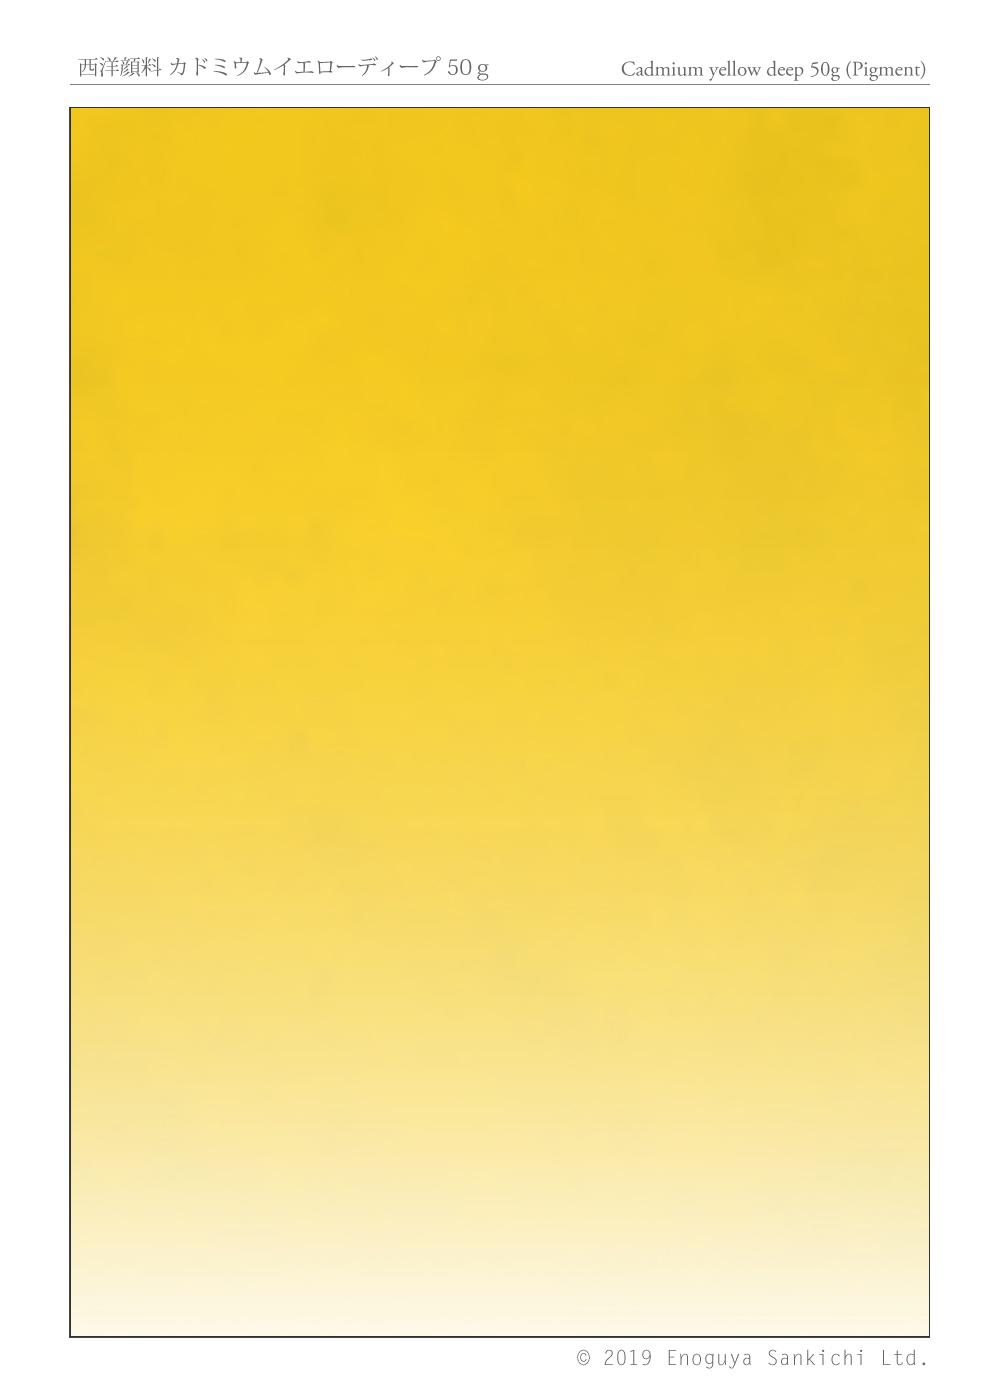 西洋顔料 カドミウムイエローディープ 50g